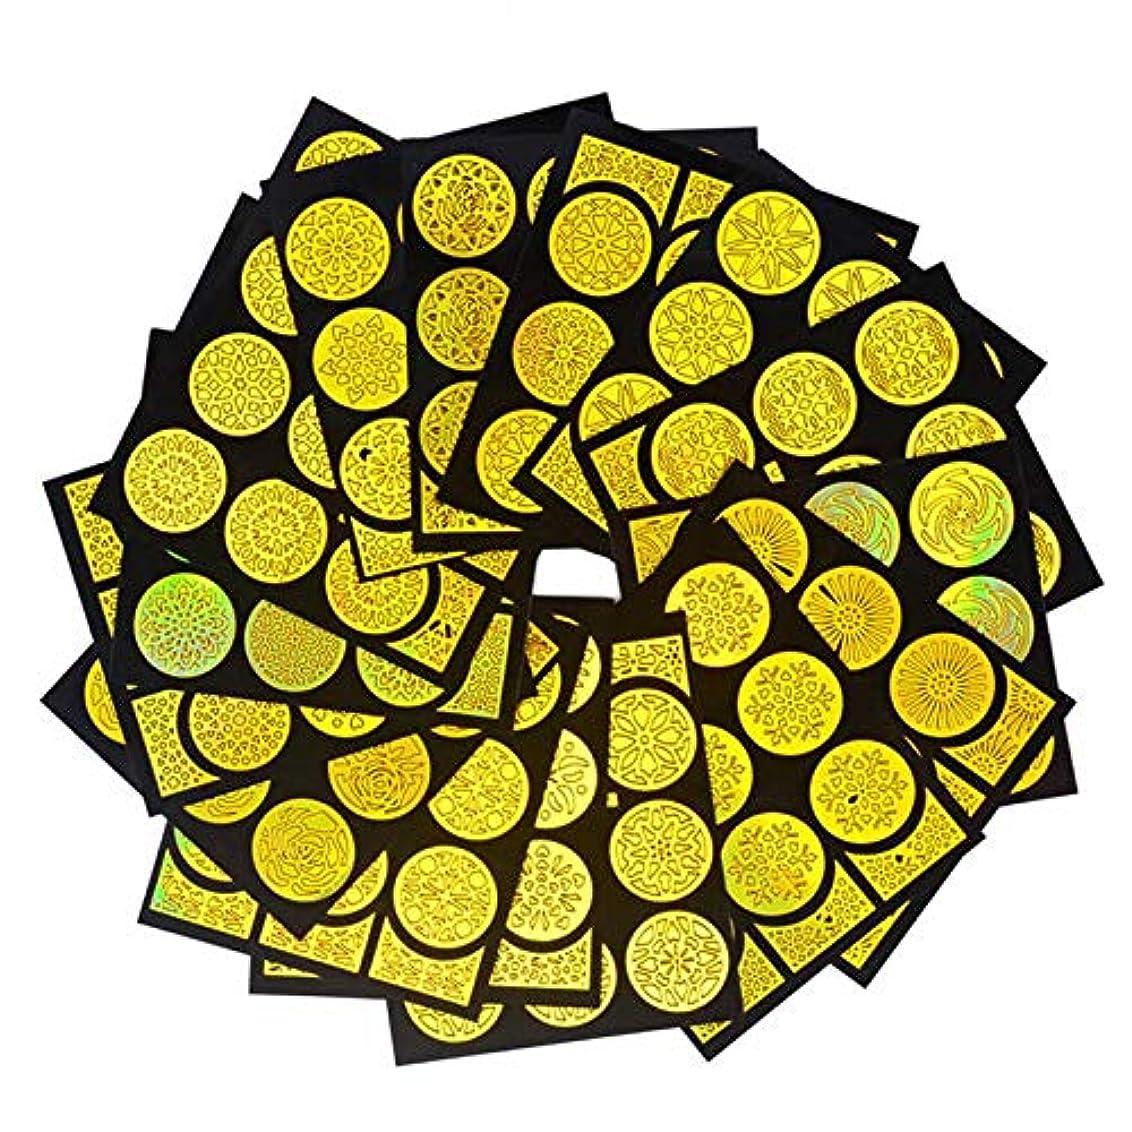 観点破滅的なフィクションSUKTI&XIAO ネイルステッカー 20枚不規則なグリッドネイルアート中空レーザーゴールデンテンプレートステンシルステッカービニール画像ガイドマニキュア、20スタイル各1個